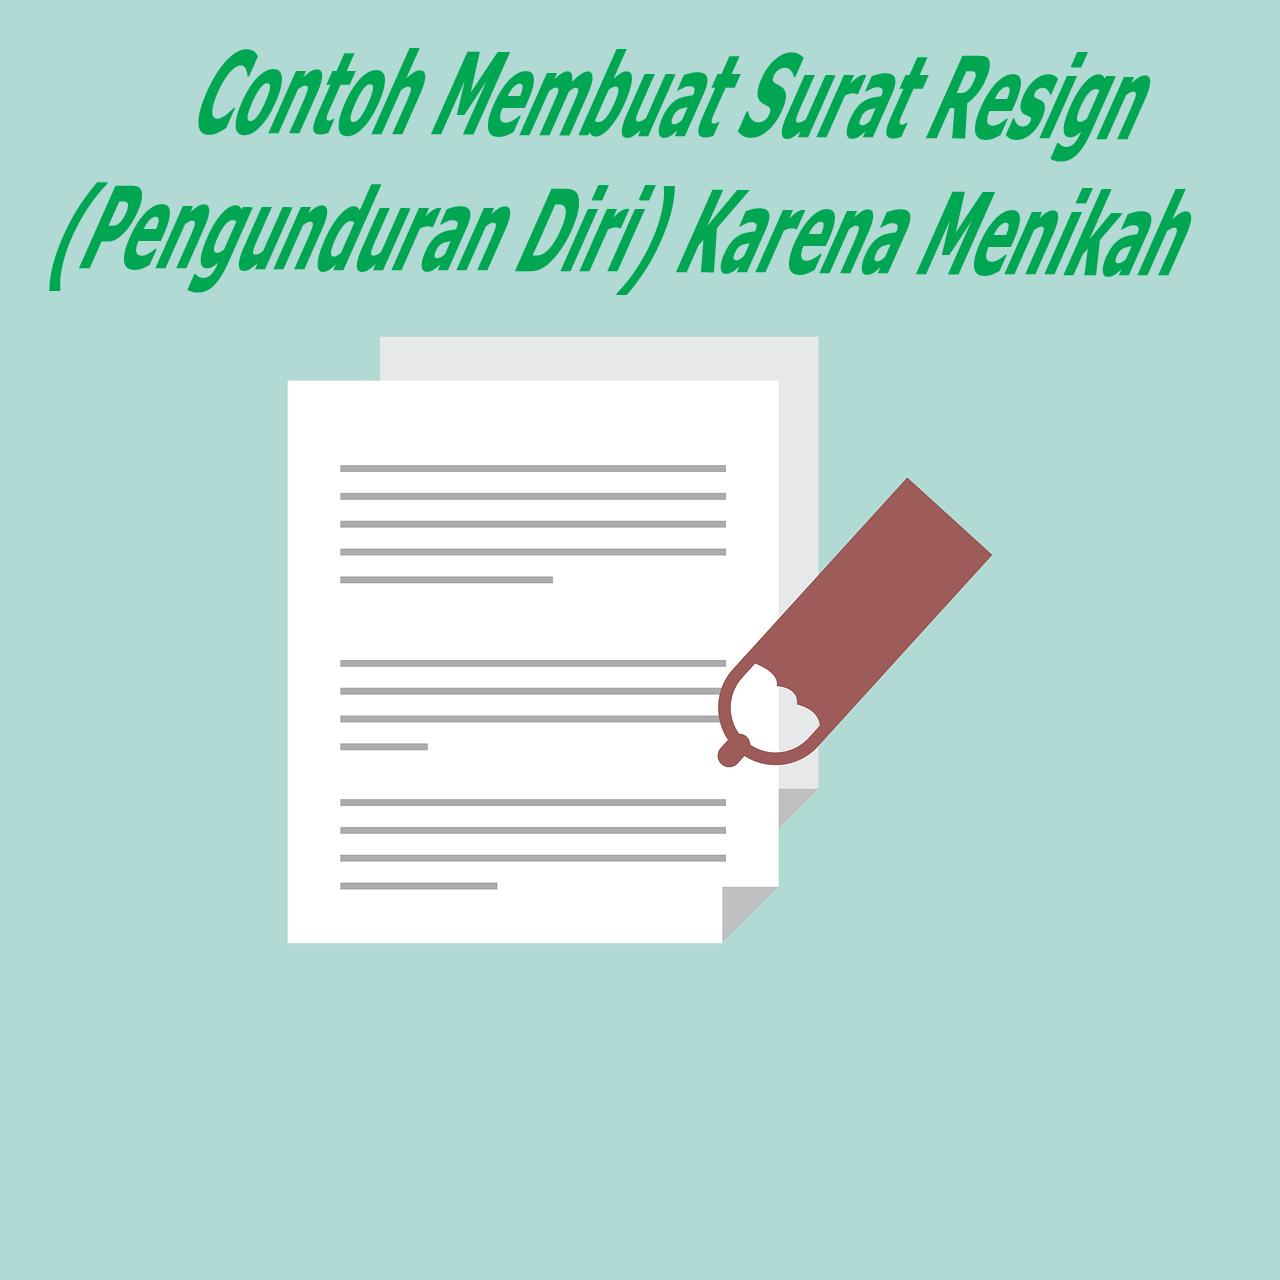 Contoh Membuat Surat Resign Pengunduran Diri Karena Menikah